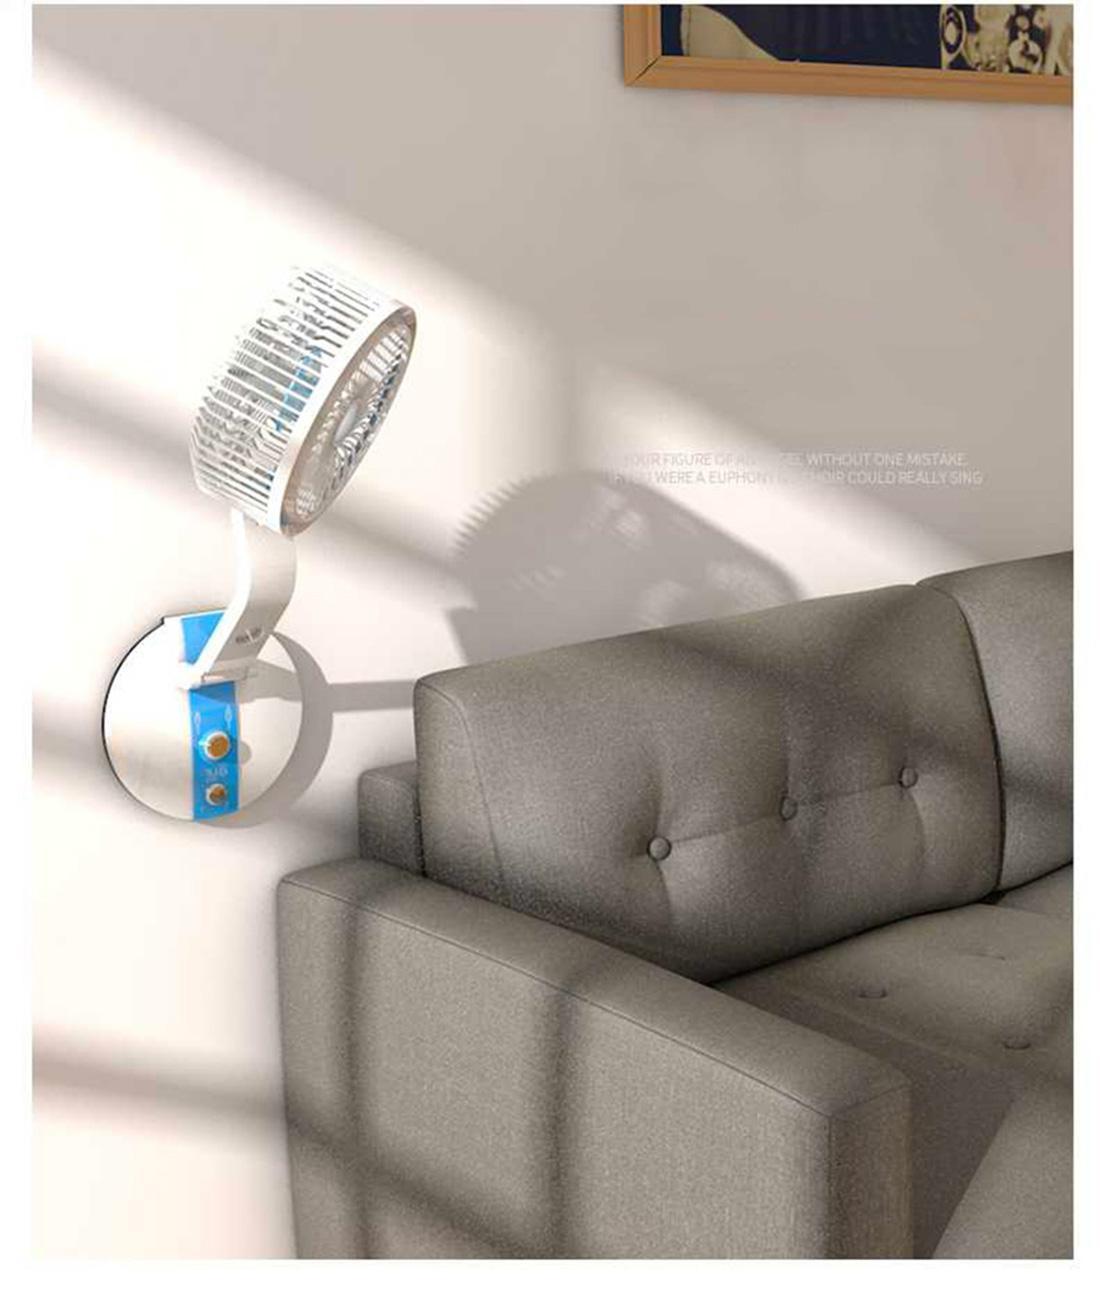 Quạt mini, Quạt để bàn, Quạt gấp có đèn LED nhỏ gọn tiện dụng, có thể mang đi mọi nơi, cho những ngày hè oi bức